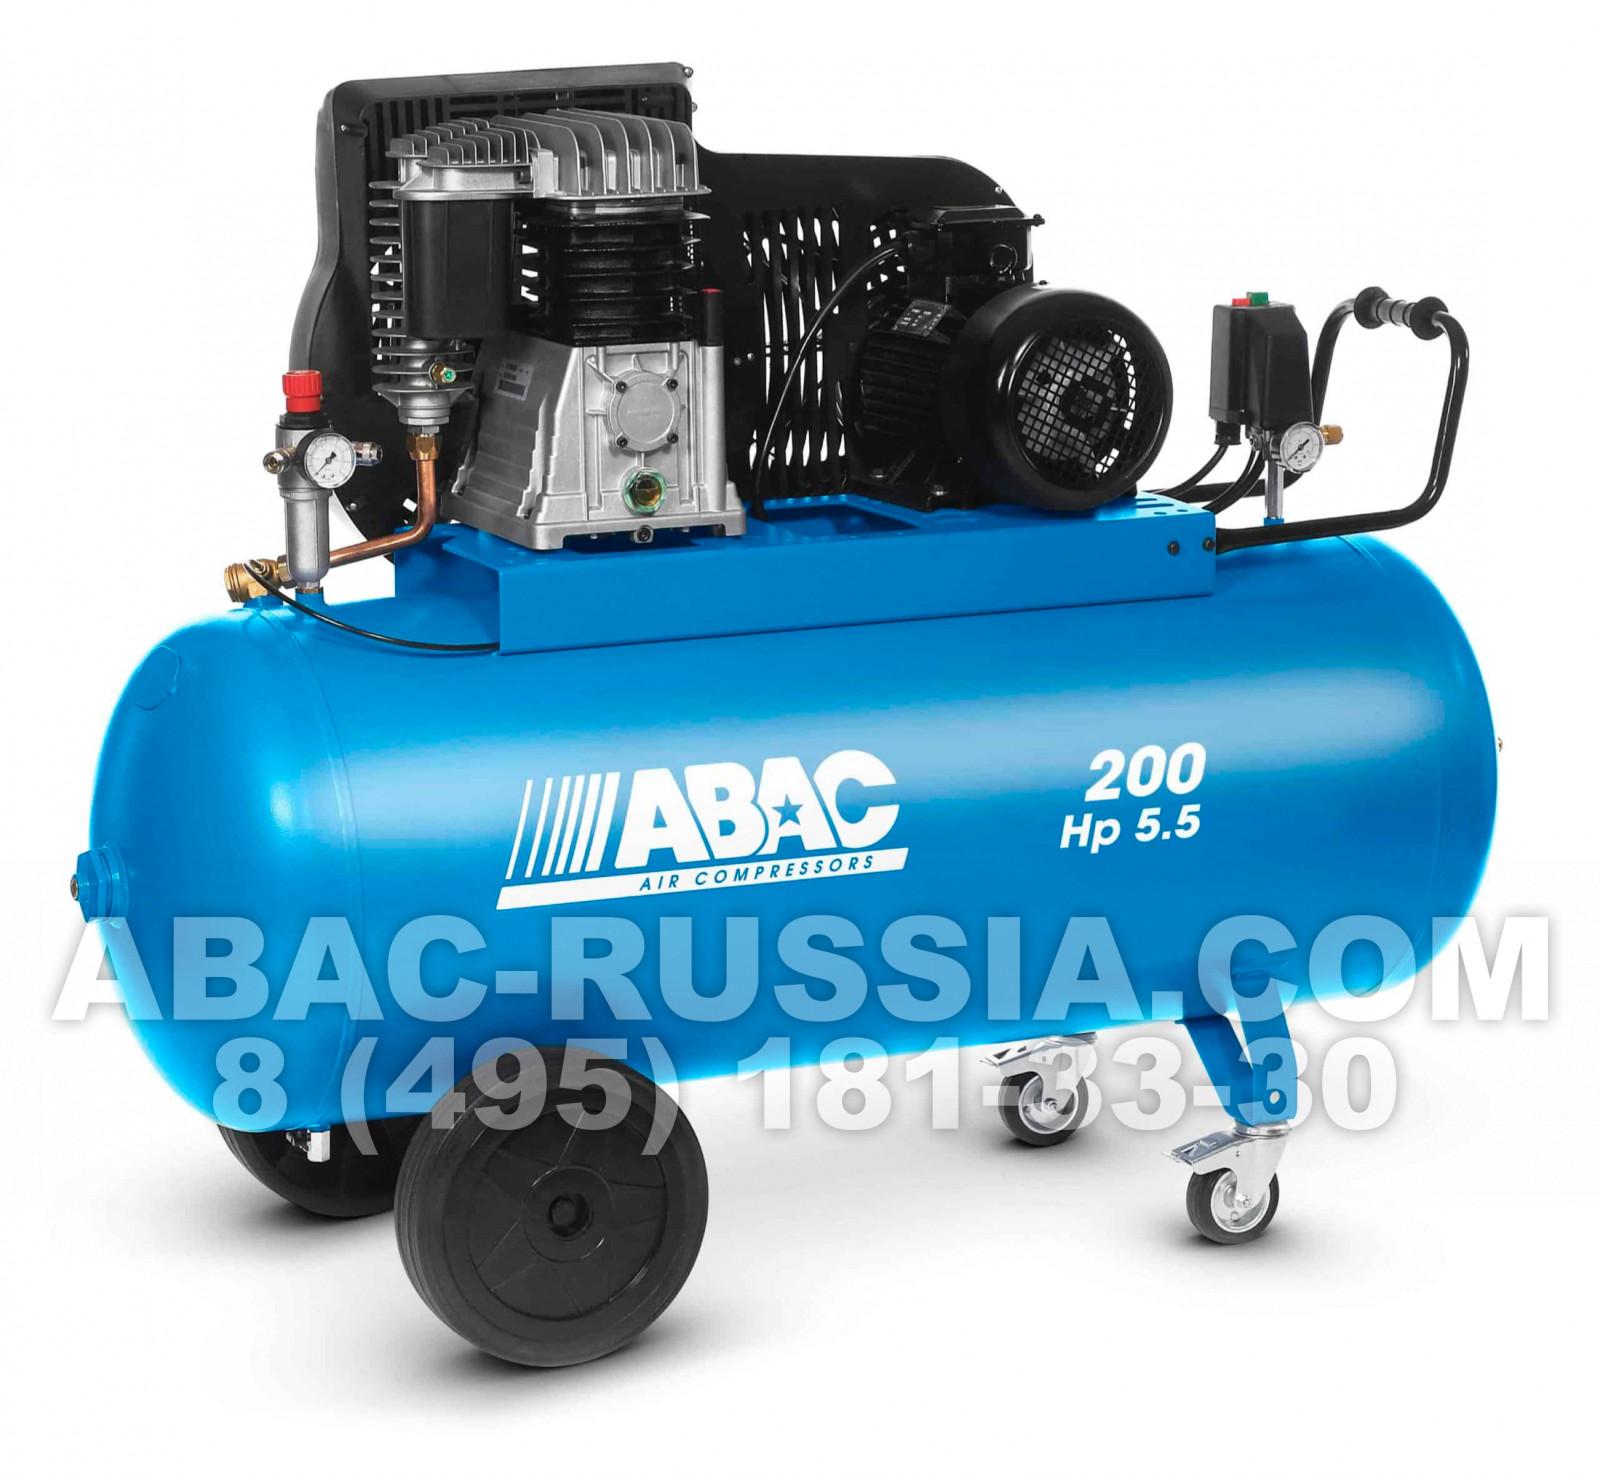 Поршневой компрессор ABAC B5900B/200 CT5,5 4116019694